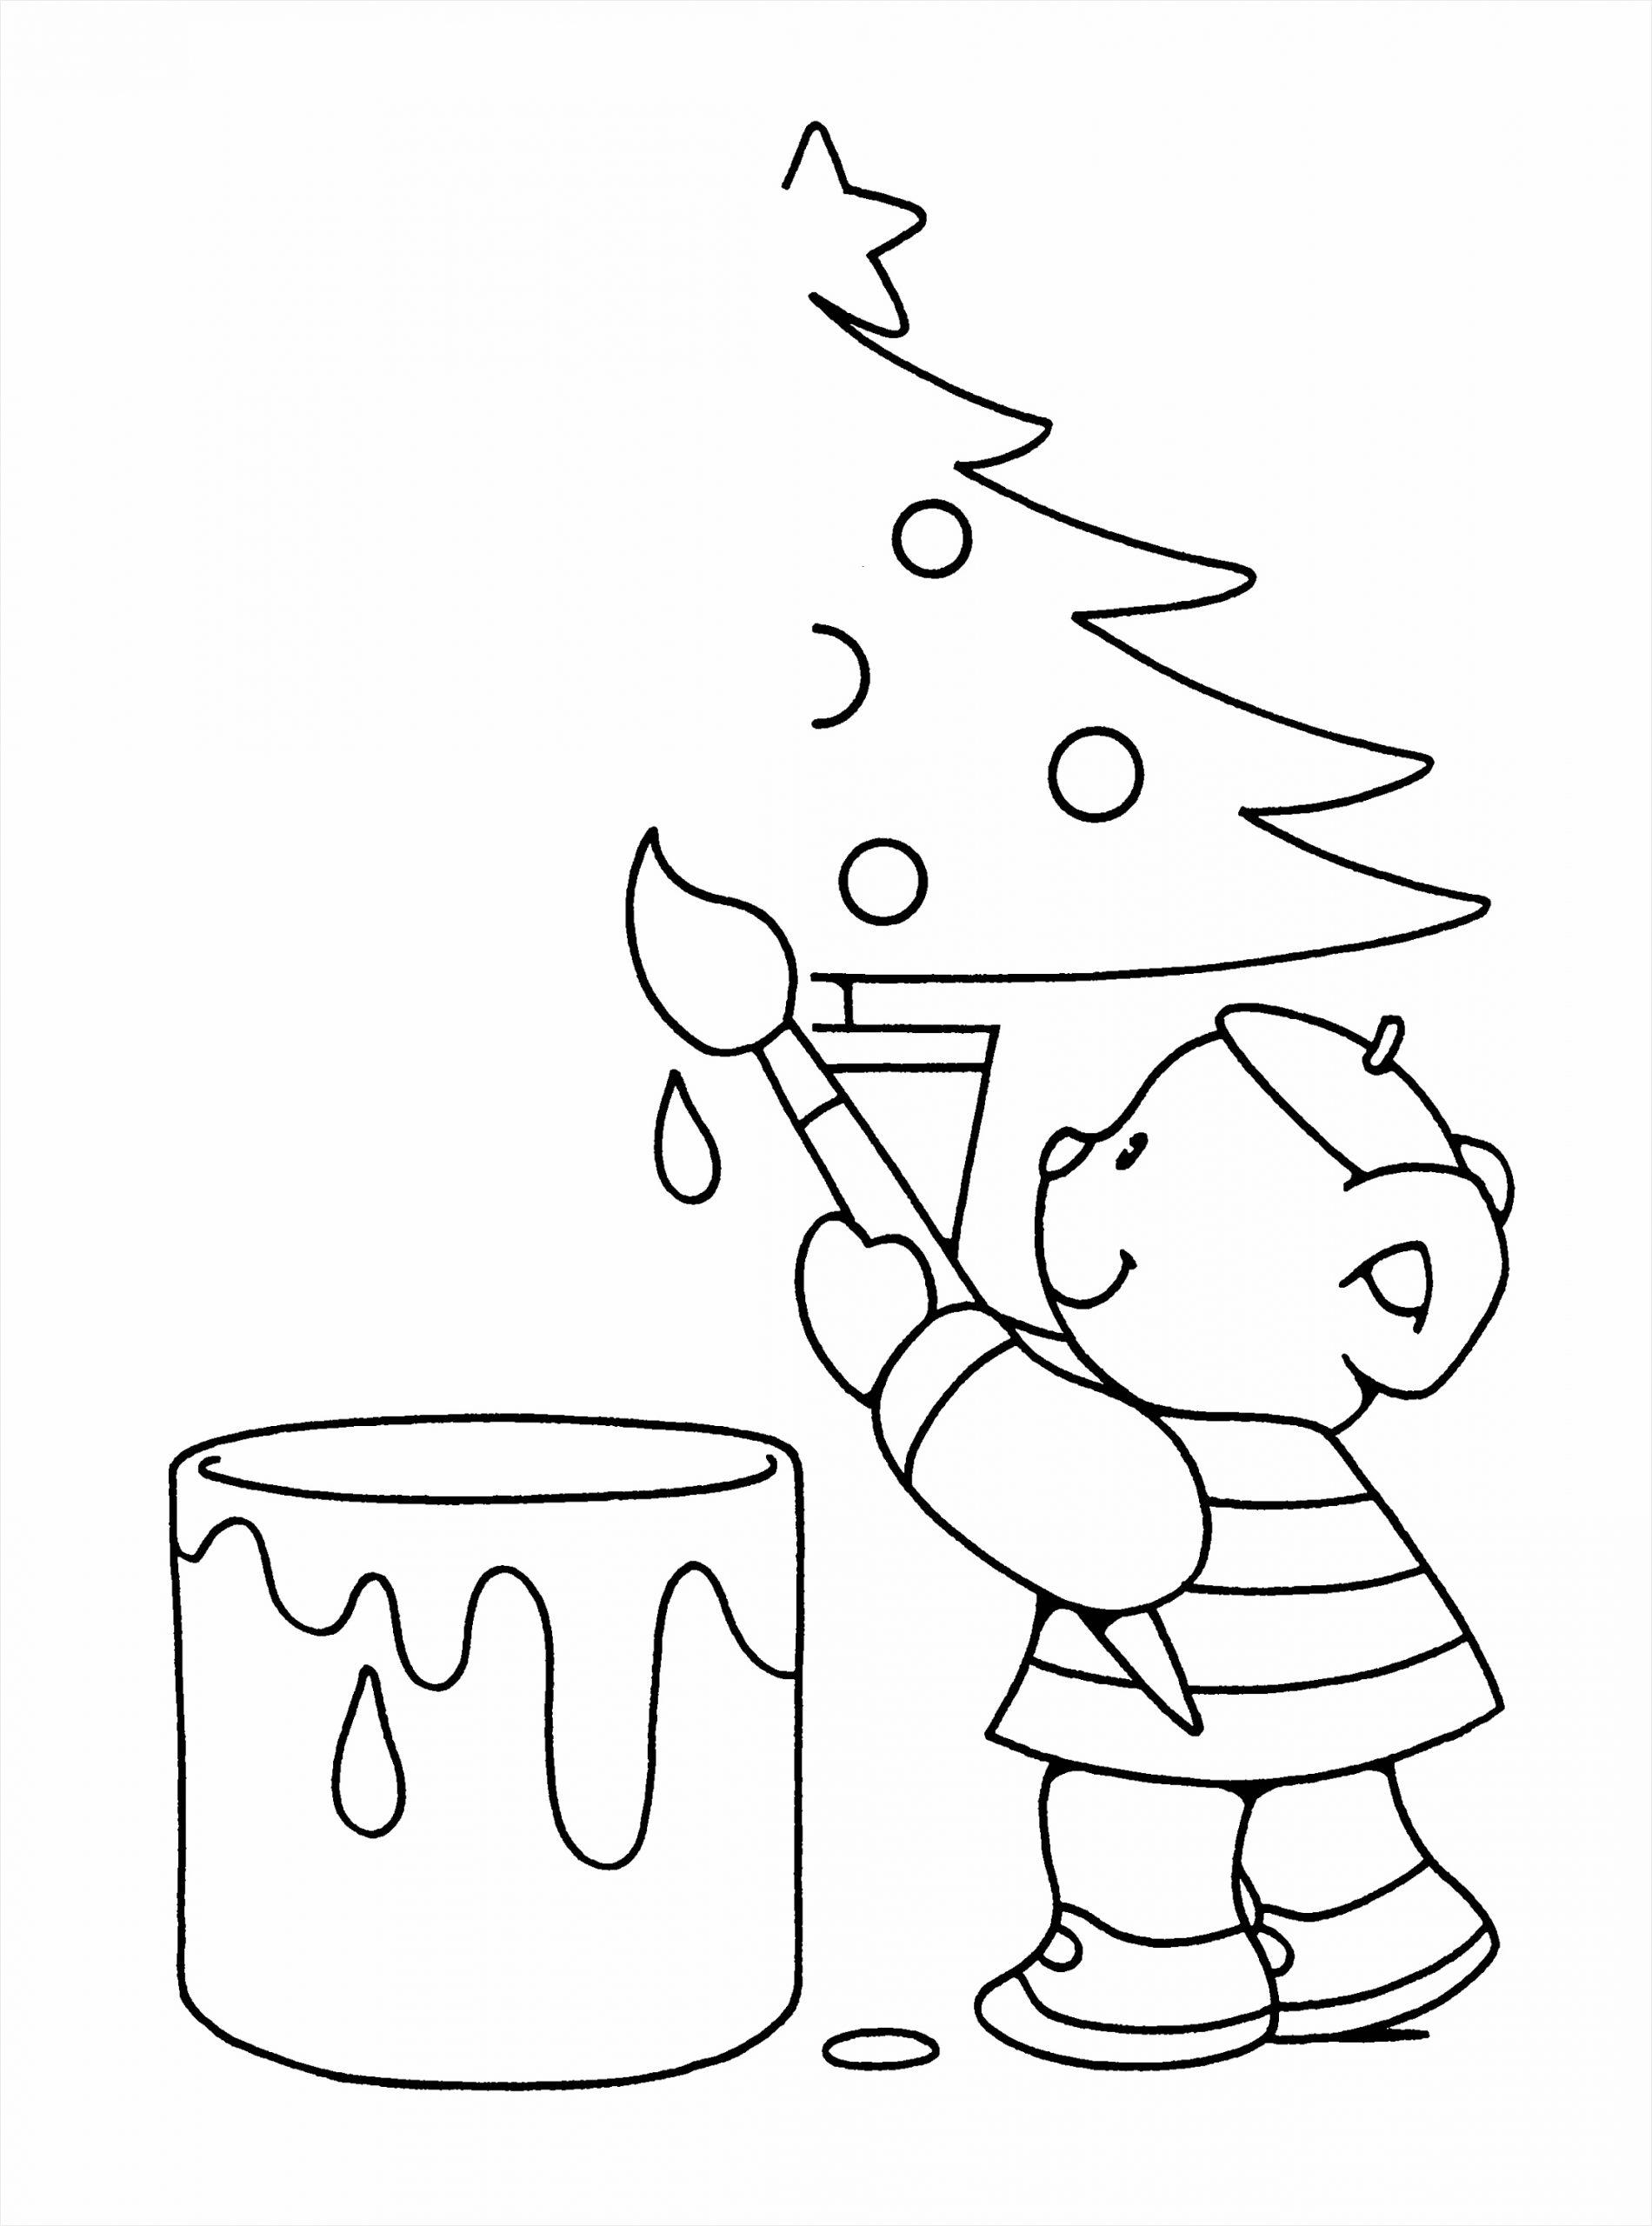 kleurplaat book=kerst 01&image=kerst 01 59 &oms=Een kerstboom yuieu